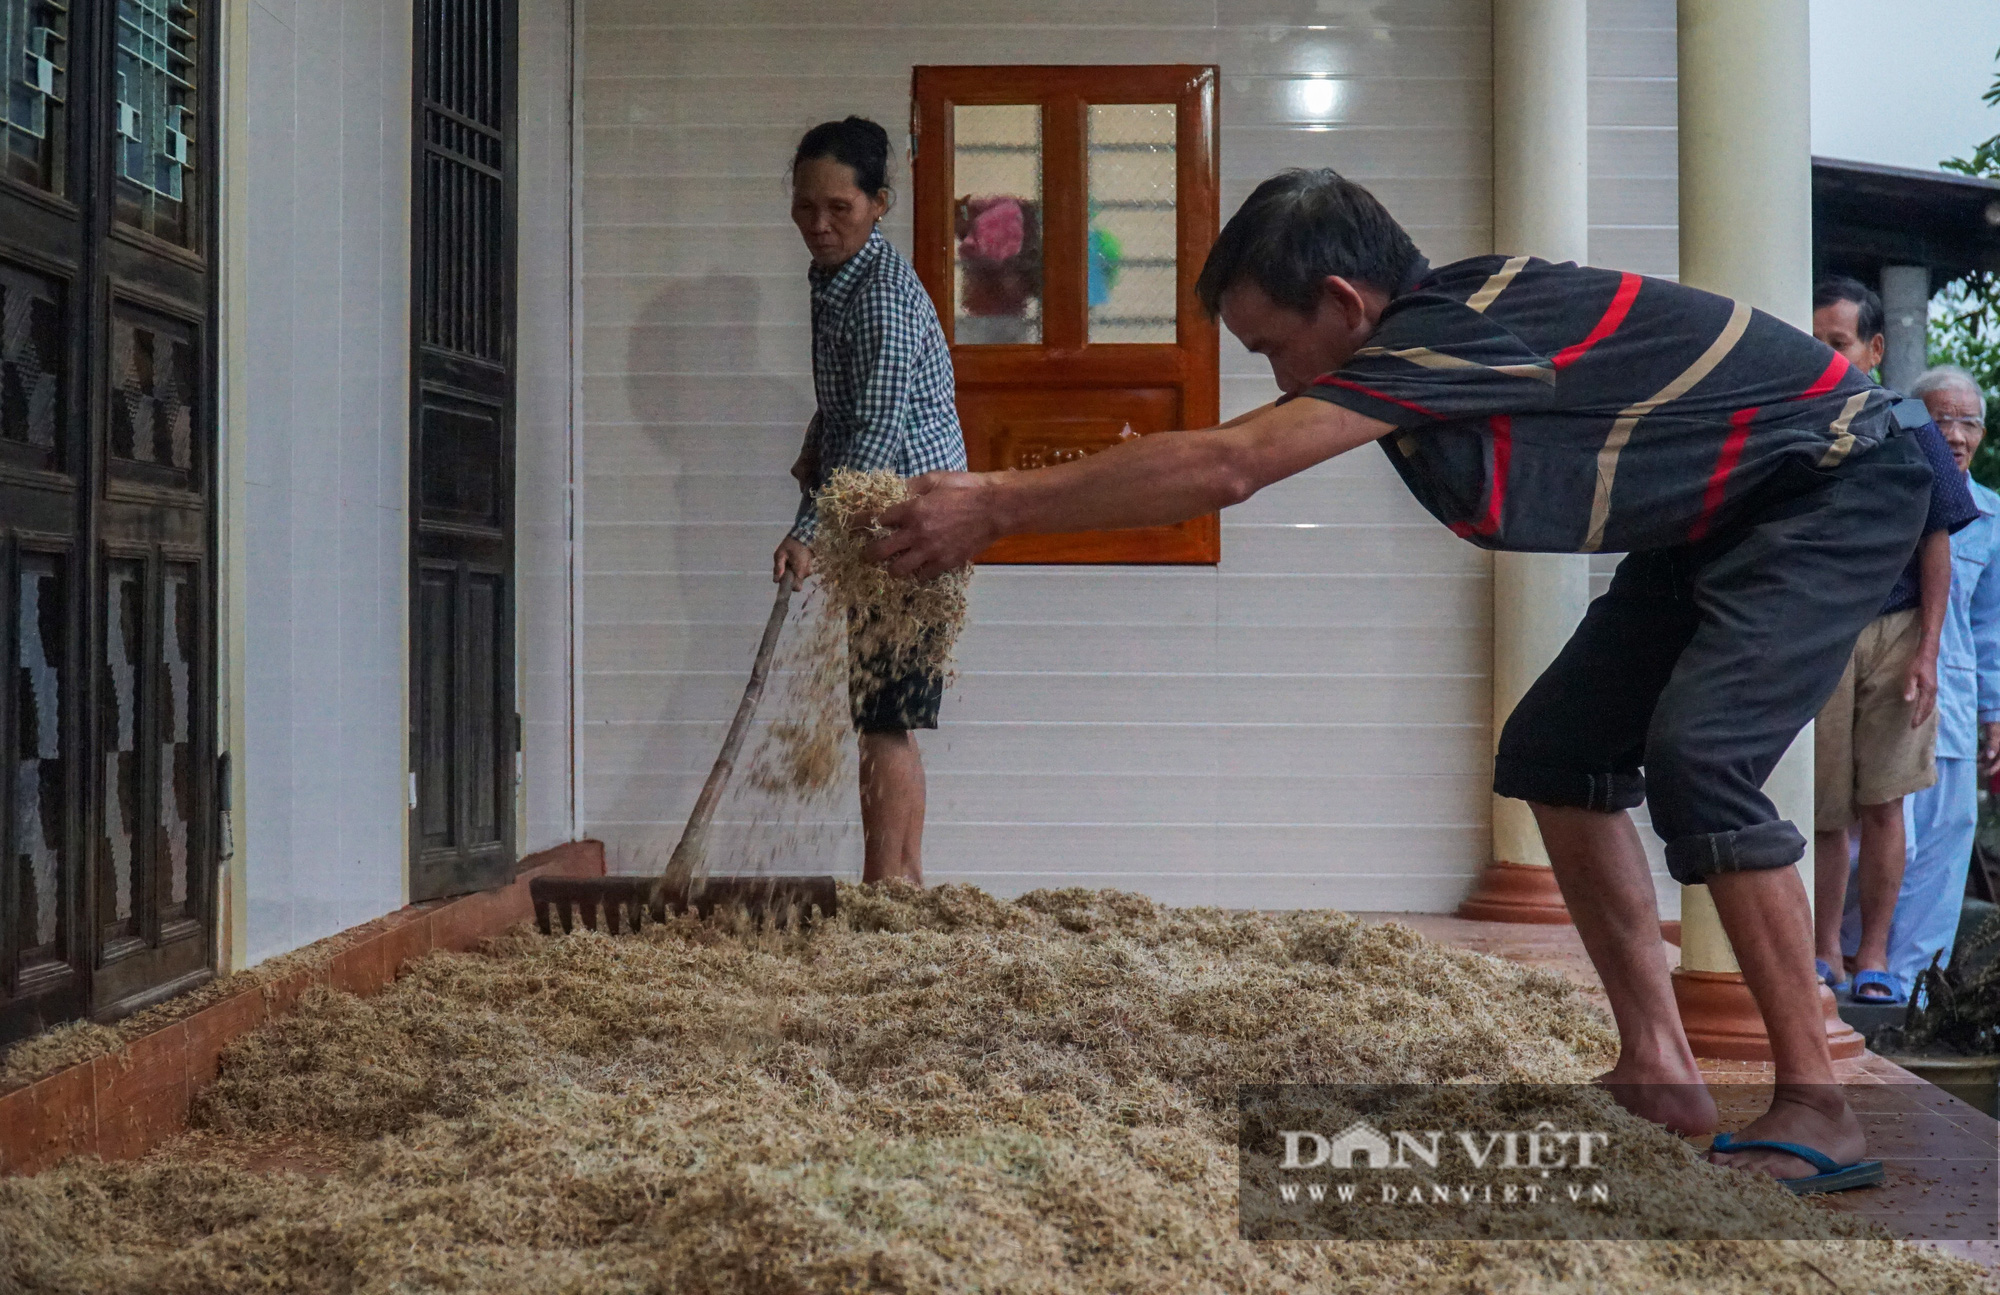 Người dân Quảng trị khóc ròng vì lúa mọc mầm, nhà cửa tan hoang sau lũ - Ảnh 2.